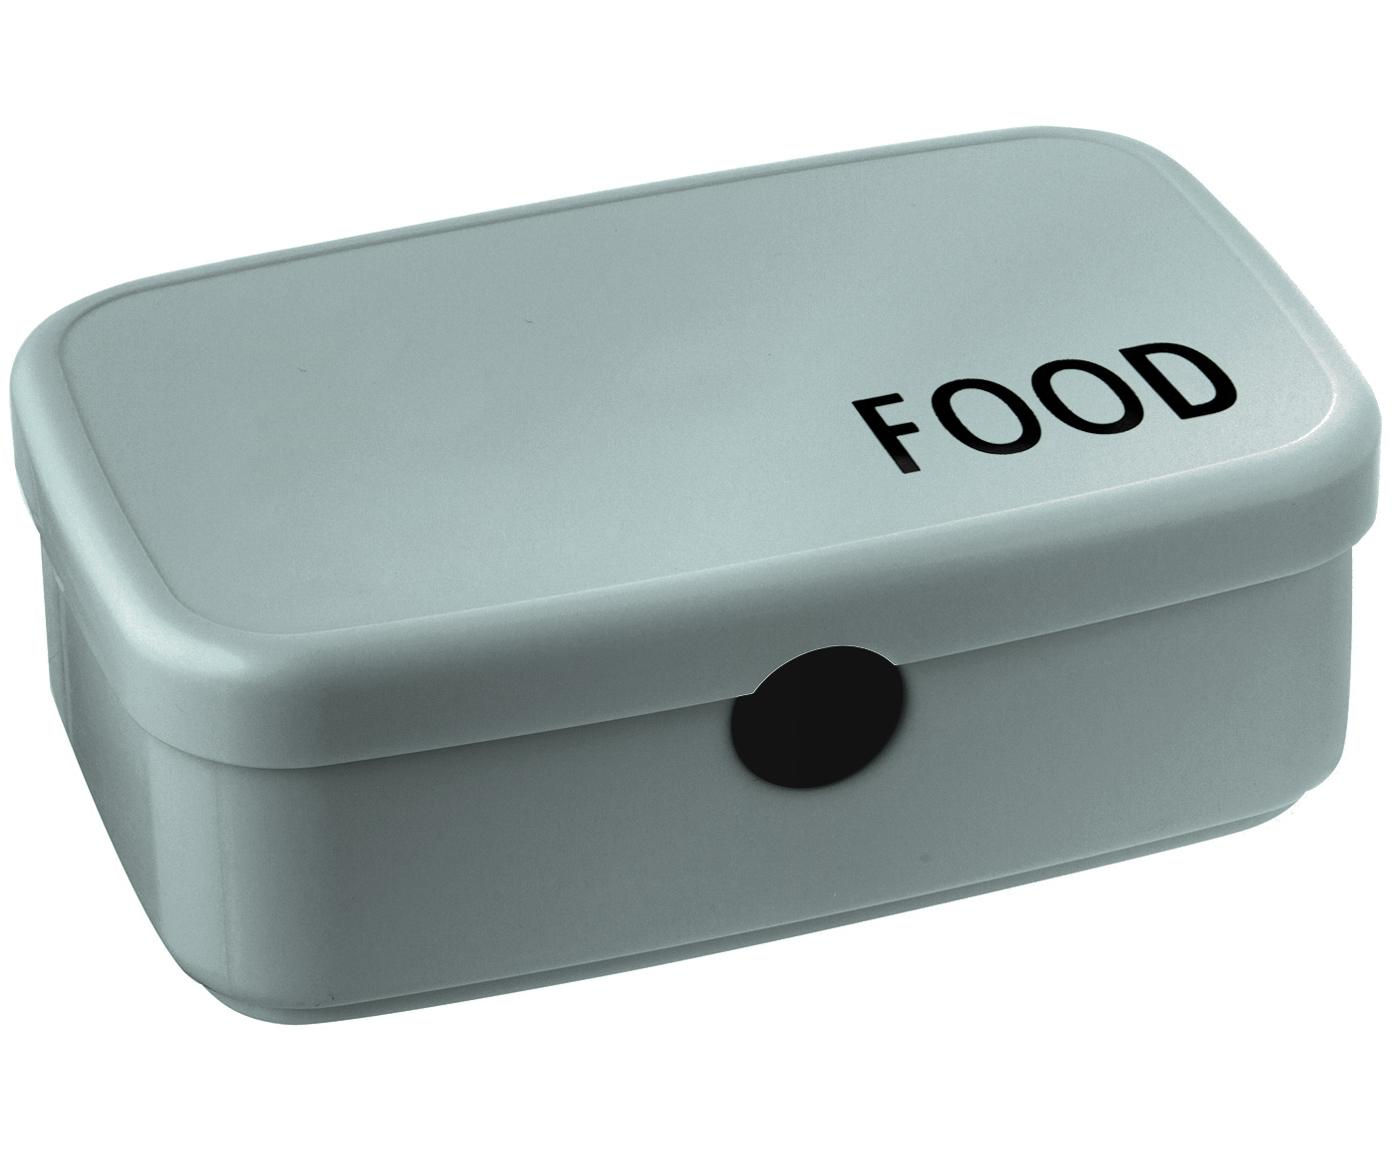 Pudełko na lunch Food, Nowoczesne tworzywo TRITAN (tworzywo sztuczne, bez BPA), Zielony, S 18 x W 6 cm